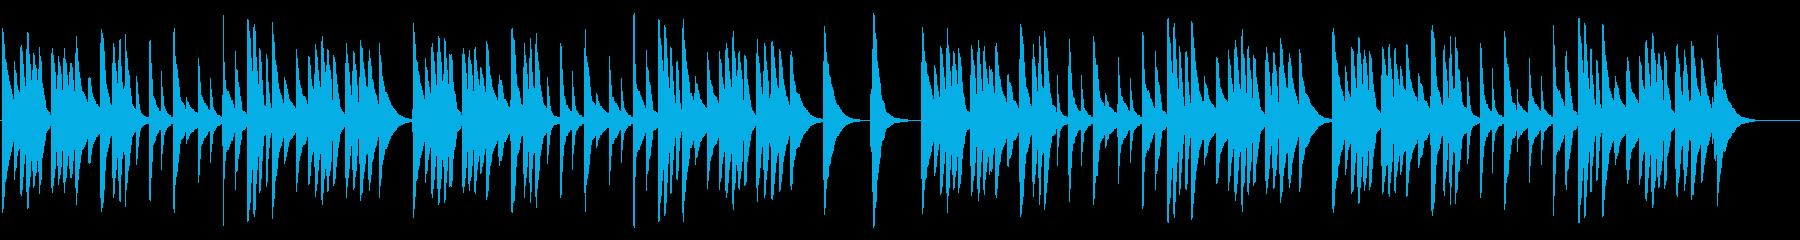 大きな栗の木の下で カード式オルゴールの再生済みの波形